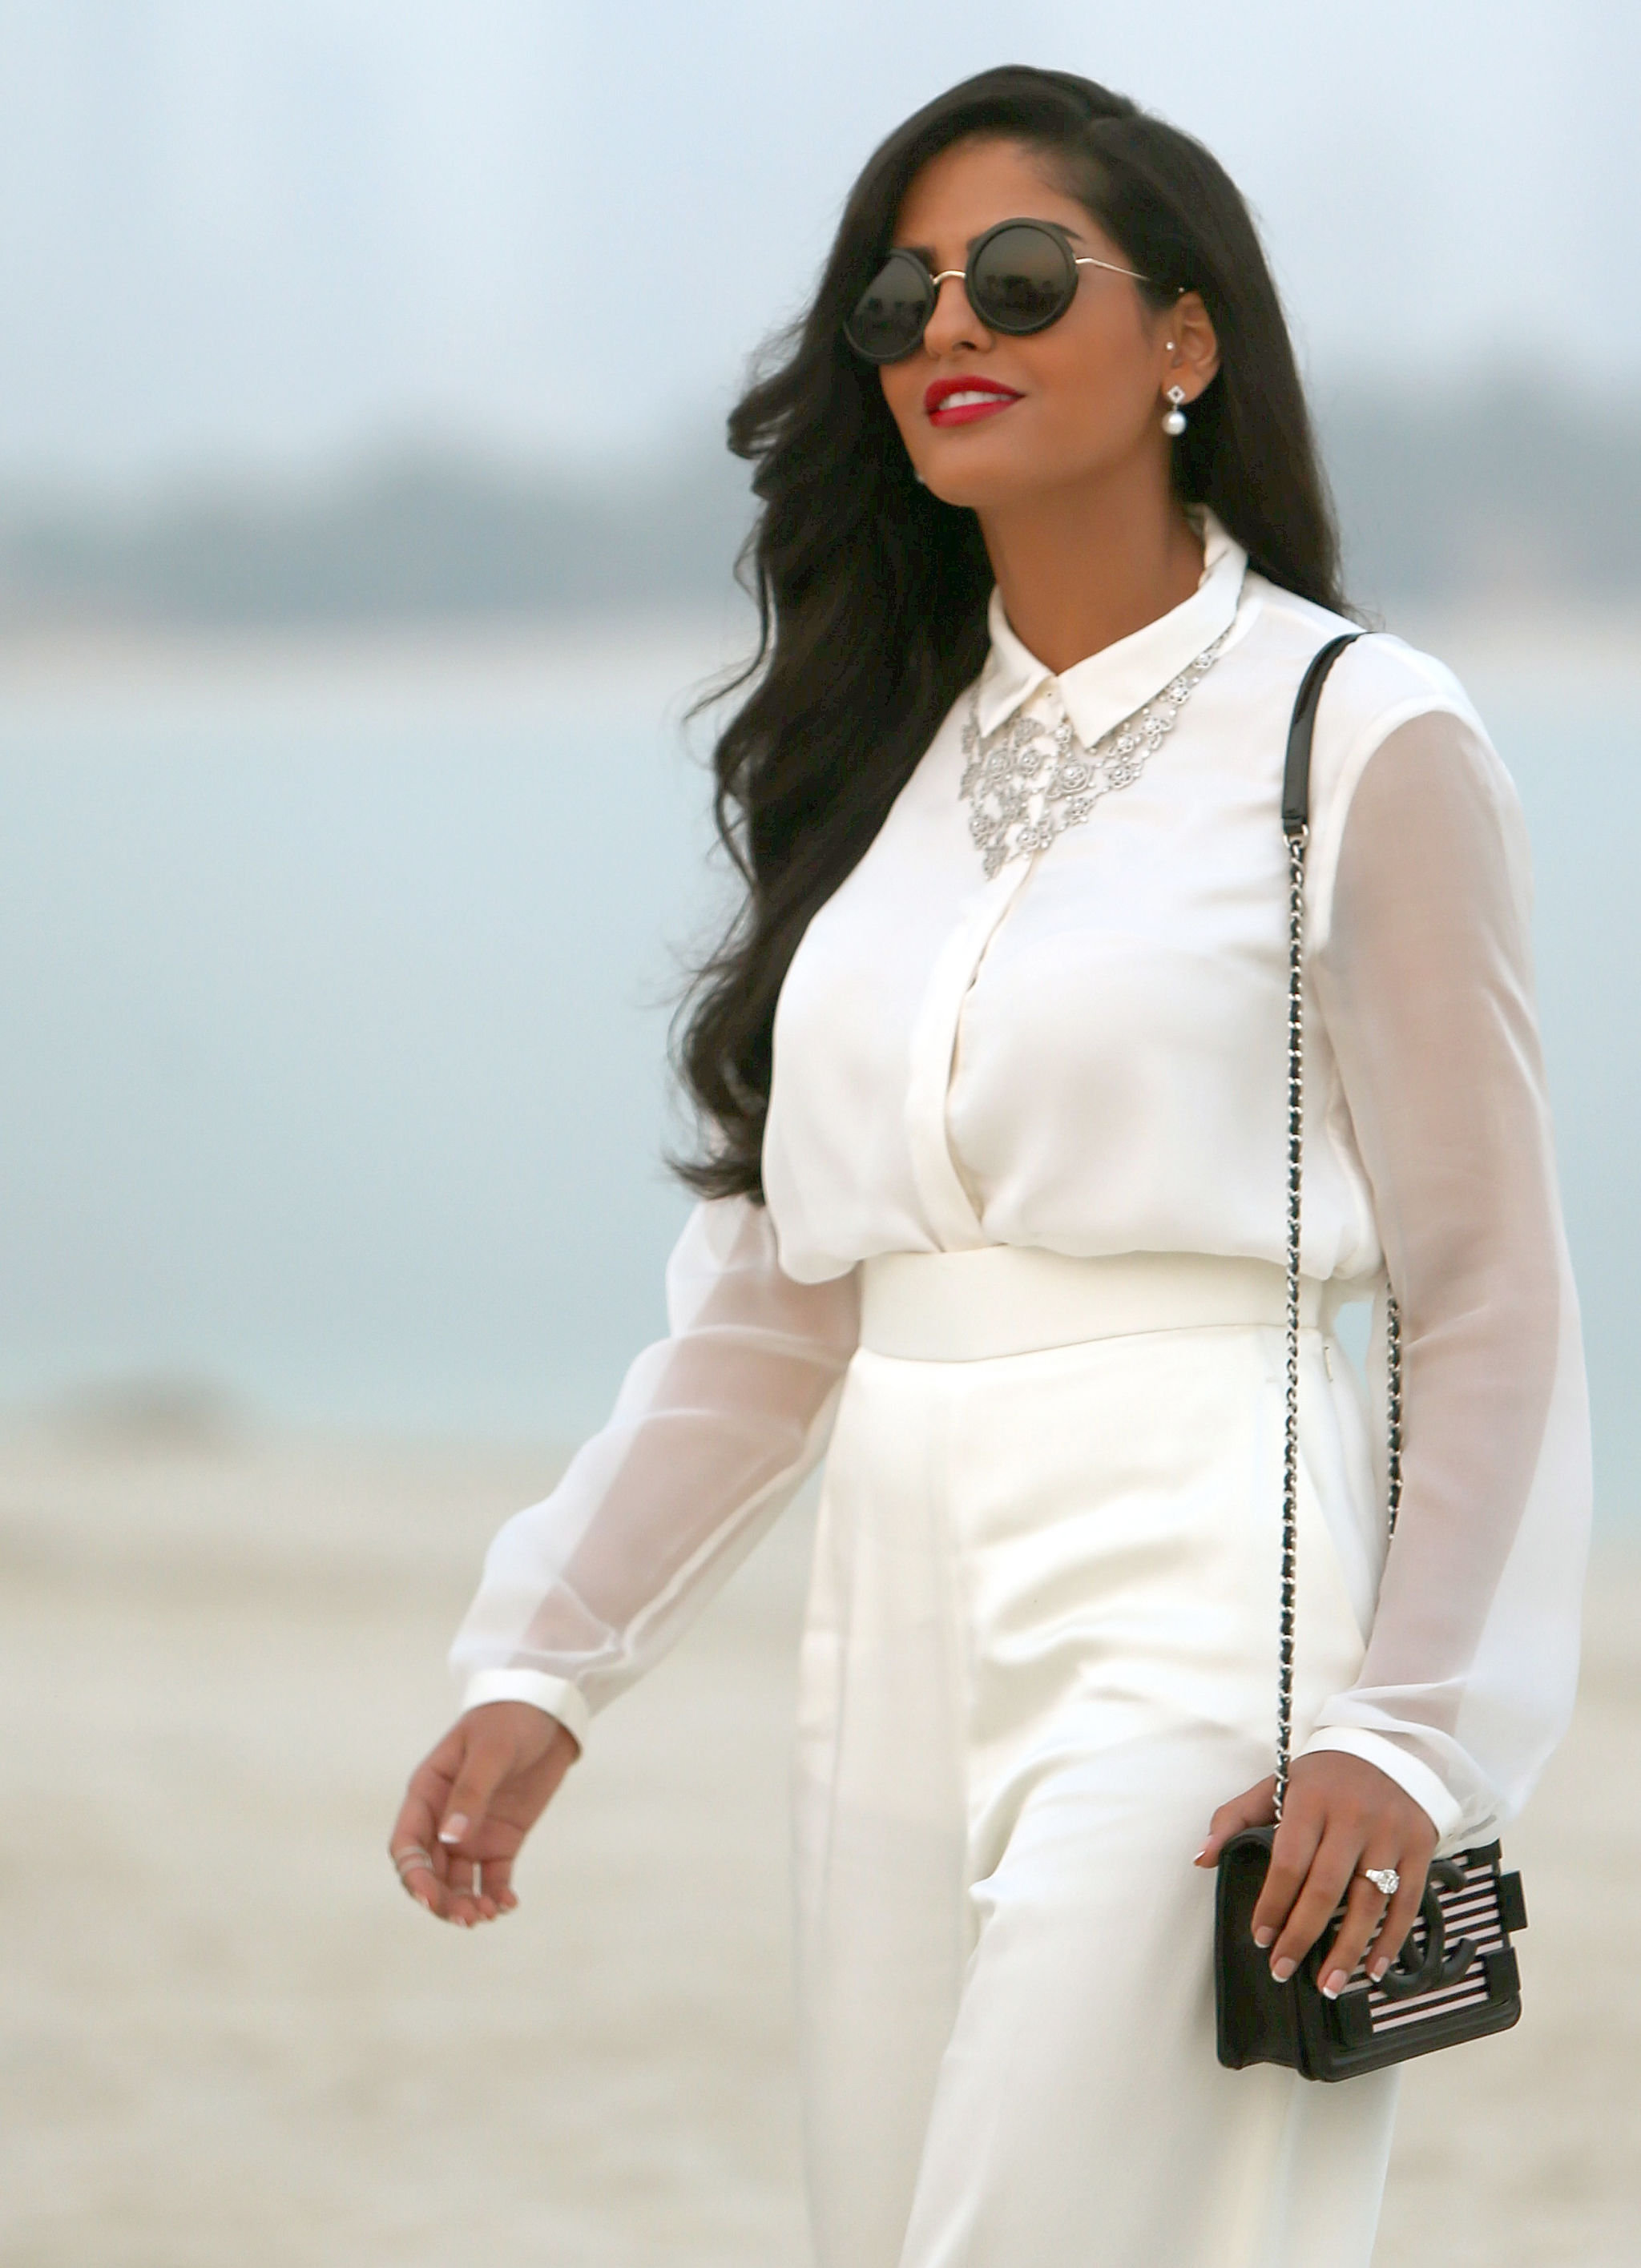 الأميرة السعودية أميرة الطويل